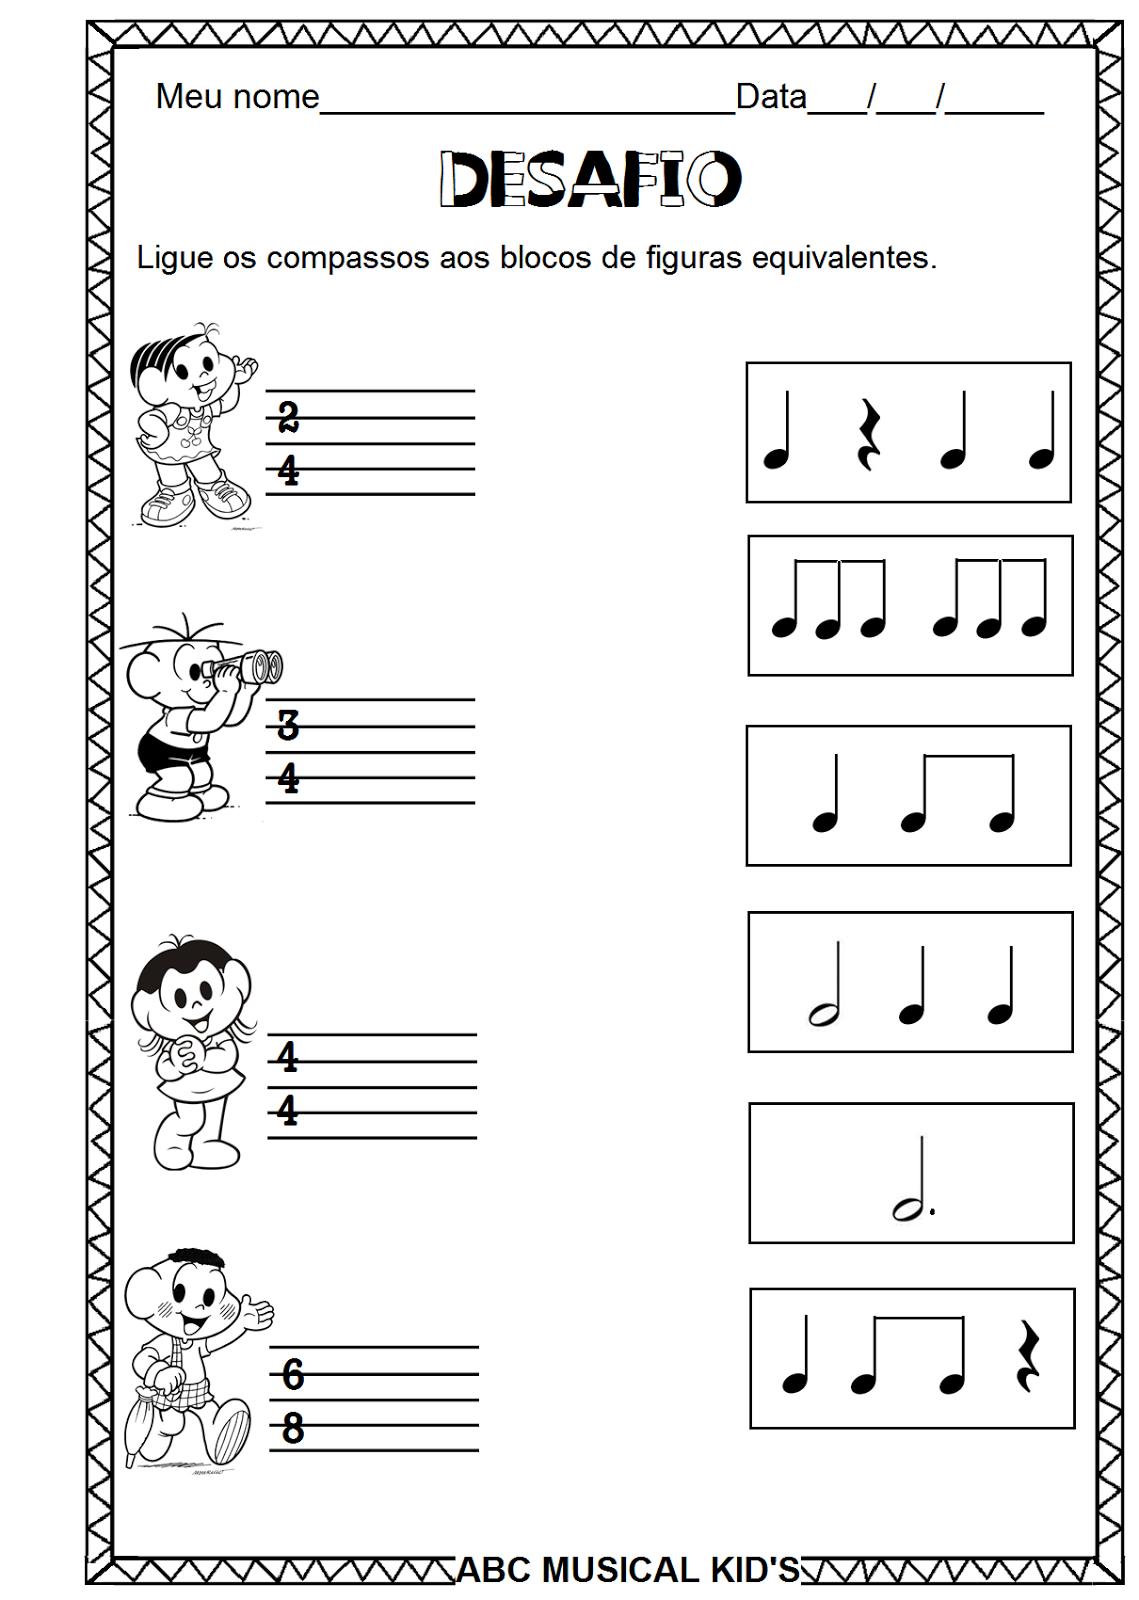 Populares ATIVIDADES DE EDUCAÇÃO INFANTIL E MUSICALIZAÇÃO INFANTIL  DR49